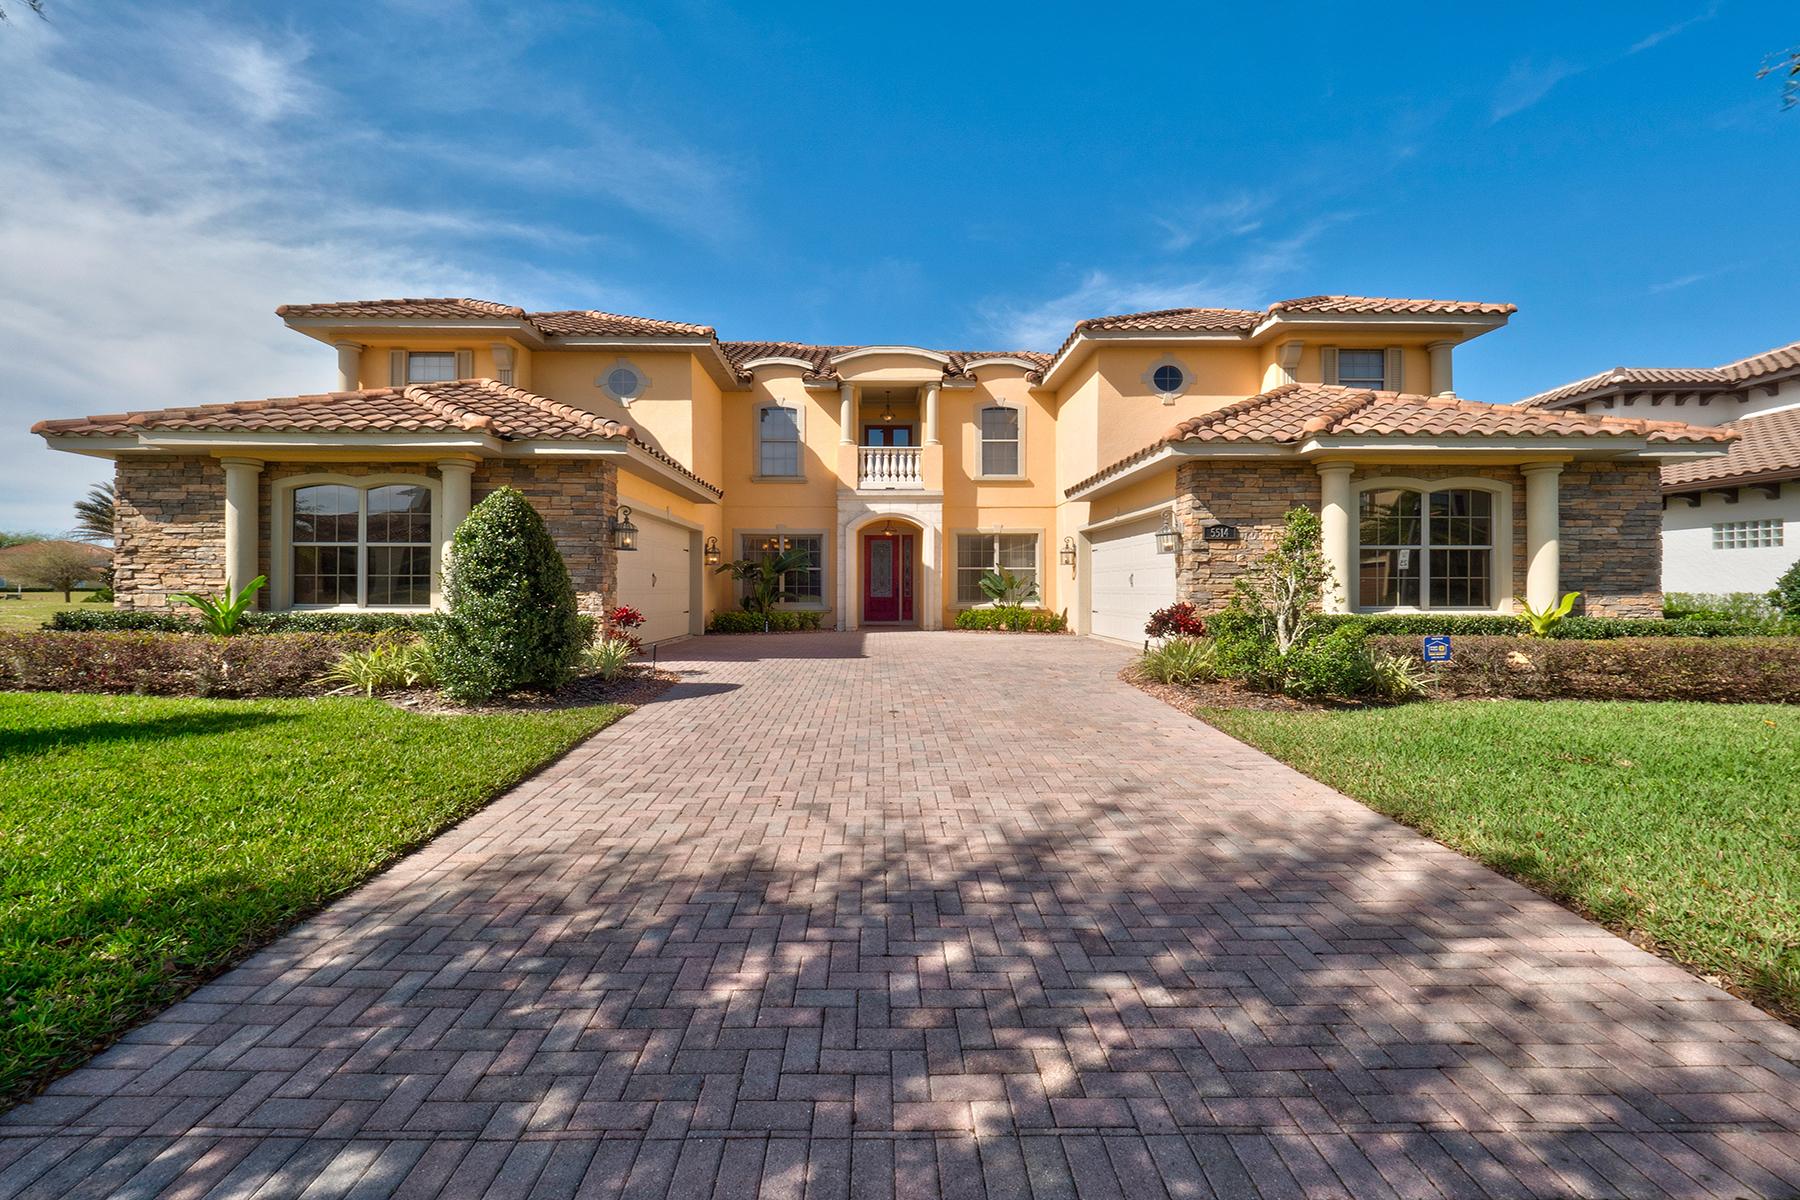 Casa Unifamiliar por un Venta en ORLANDO 5514 Emerson Pointe Way Orlando, Florida, 32819 Estados Unidos